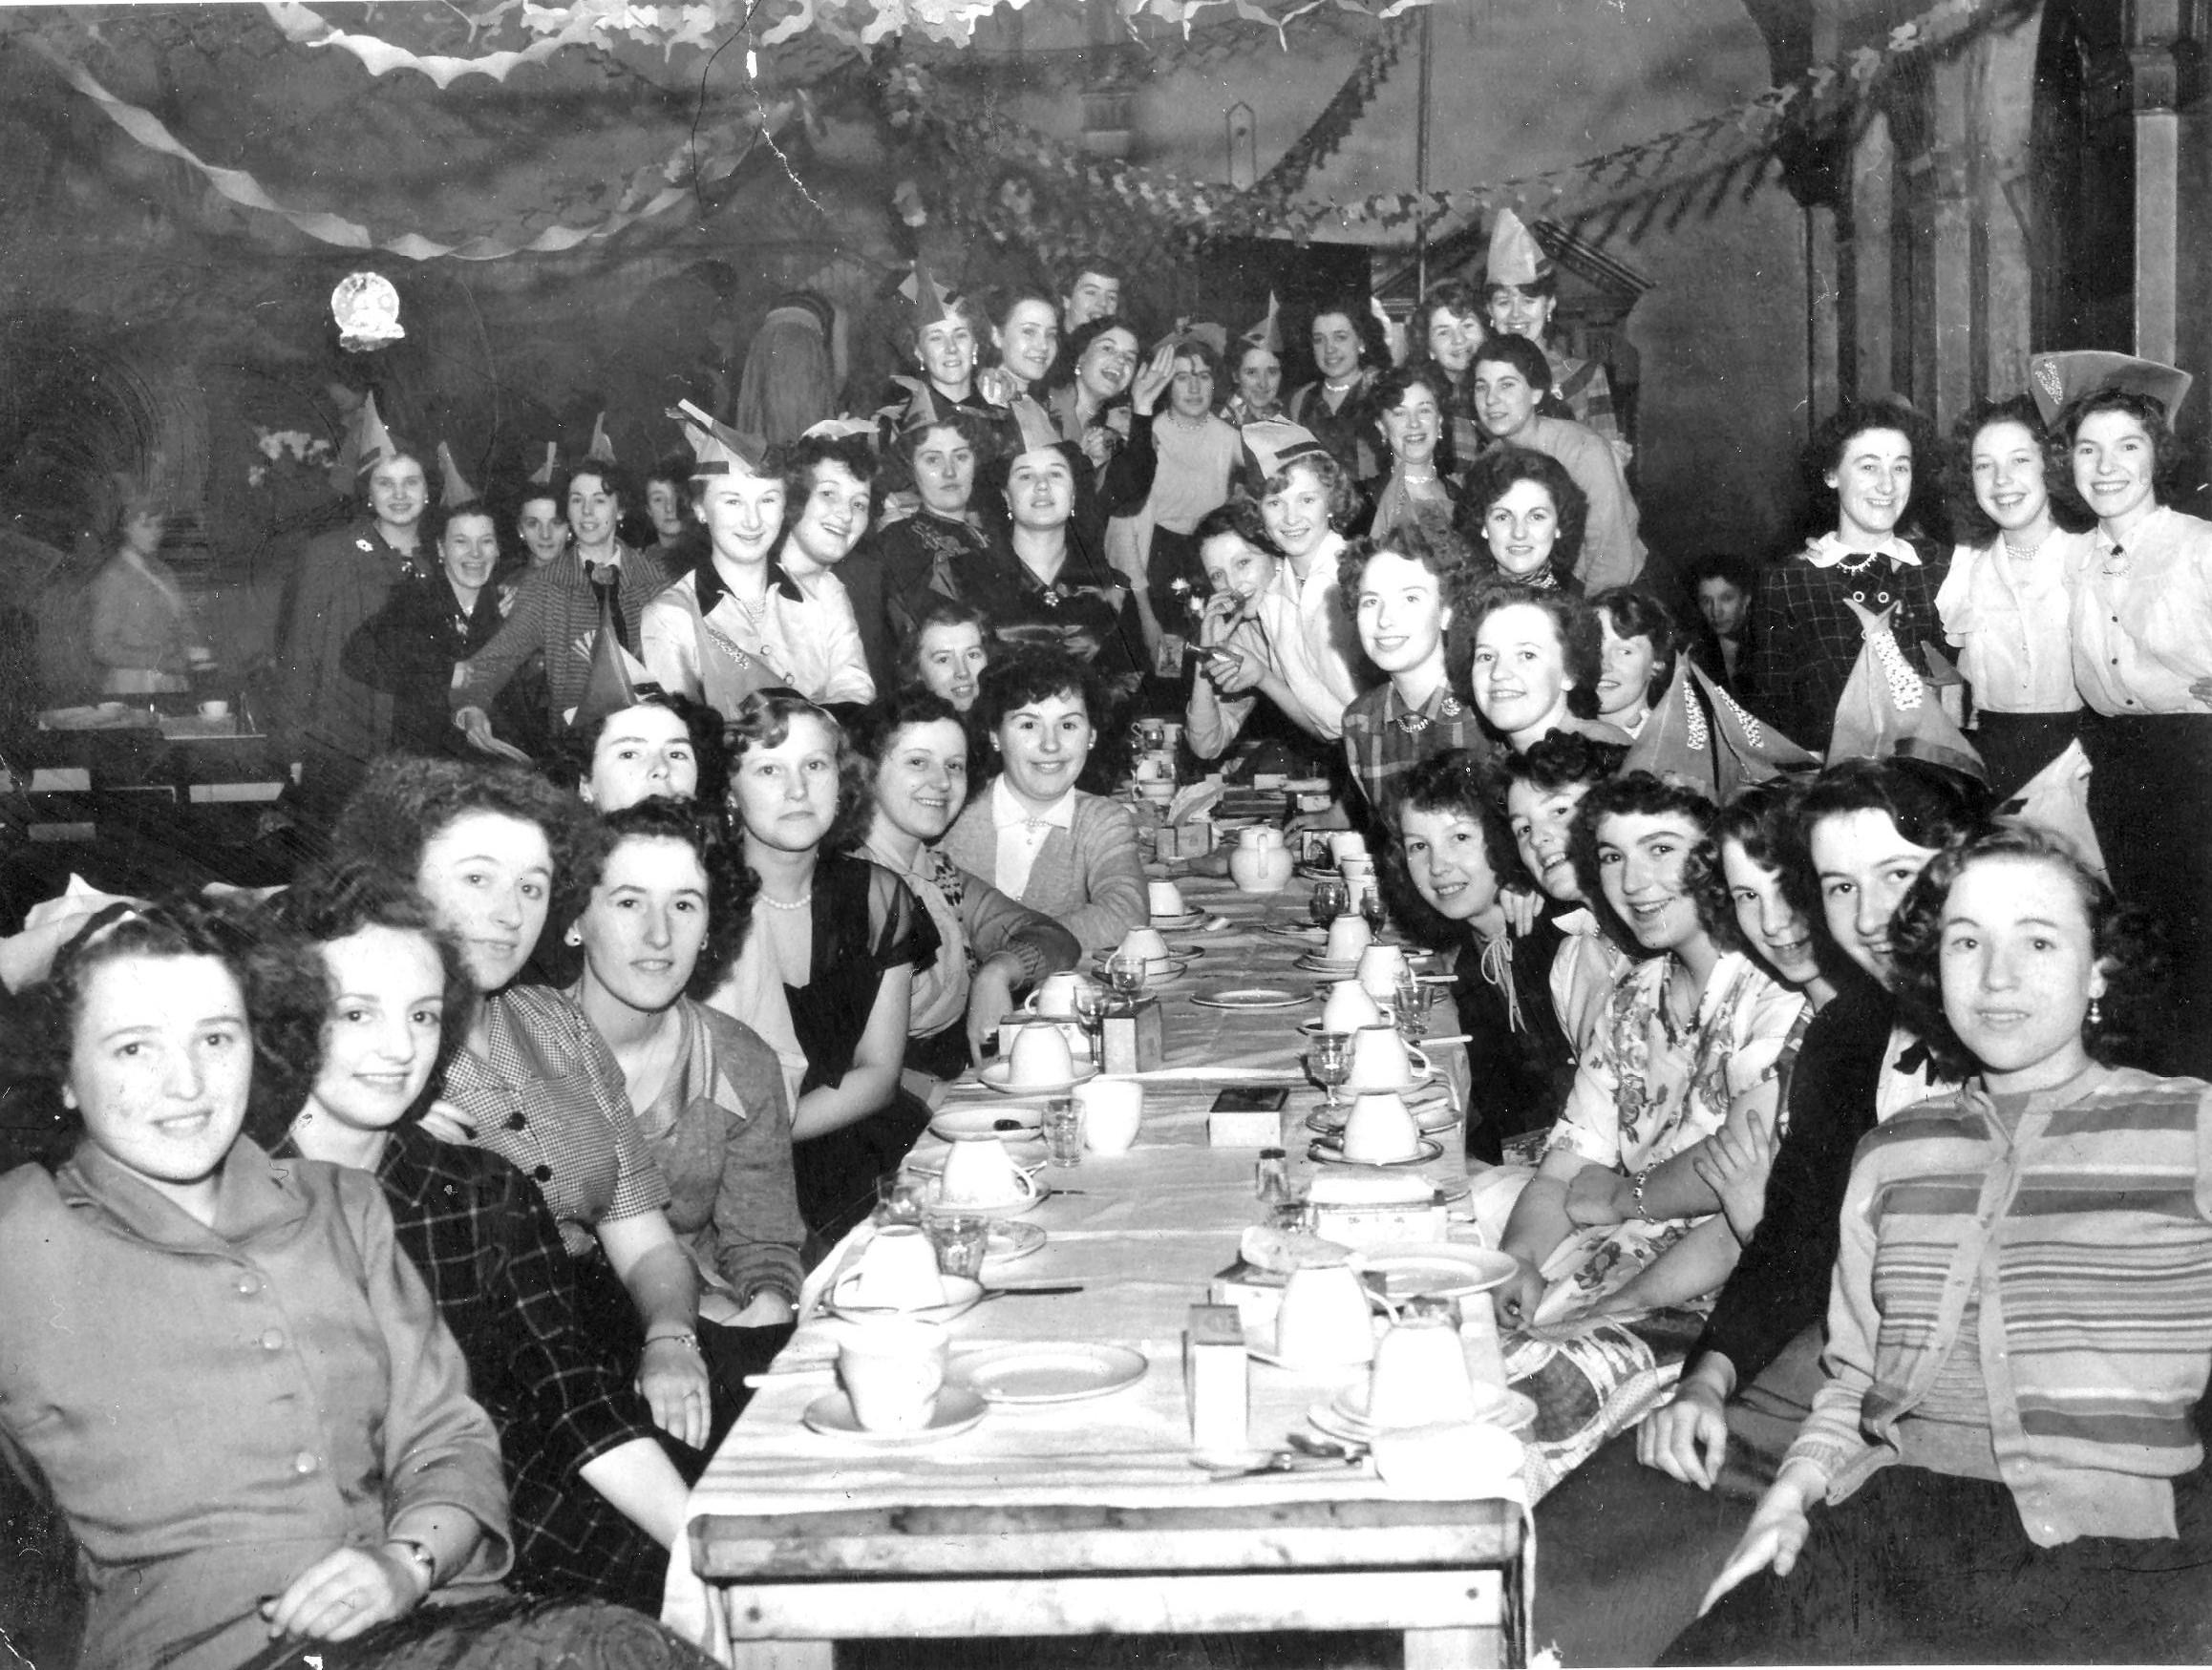 8. Pinkhams Glove Factory S-Moor 1950's